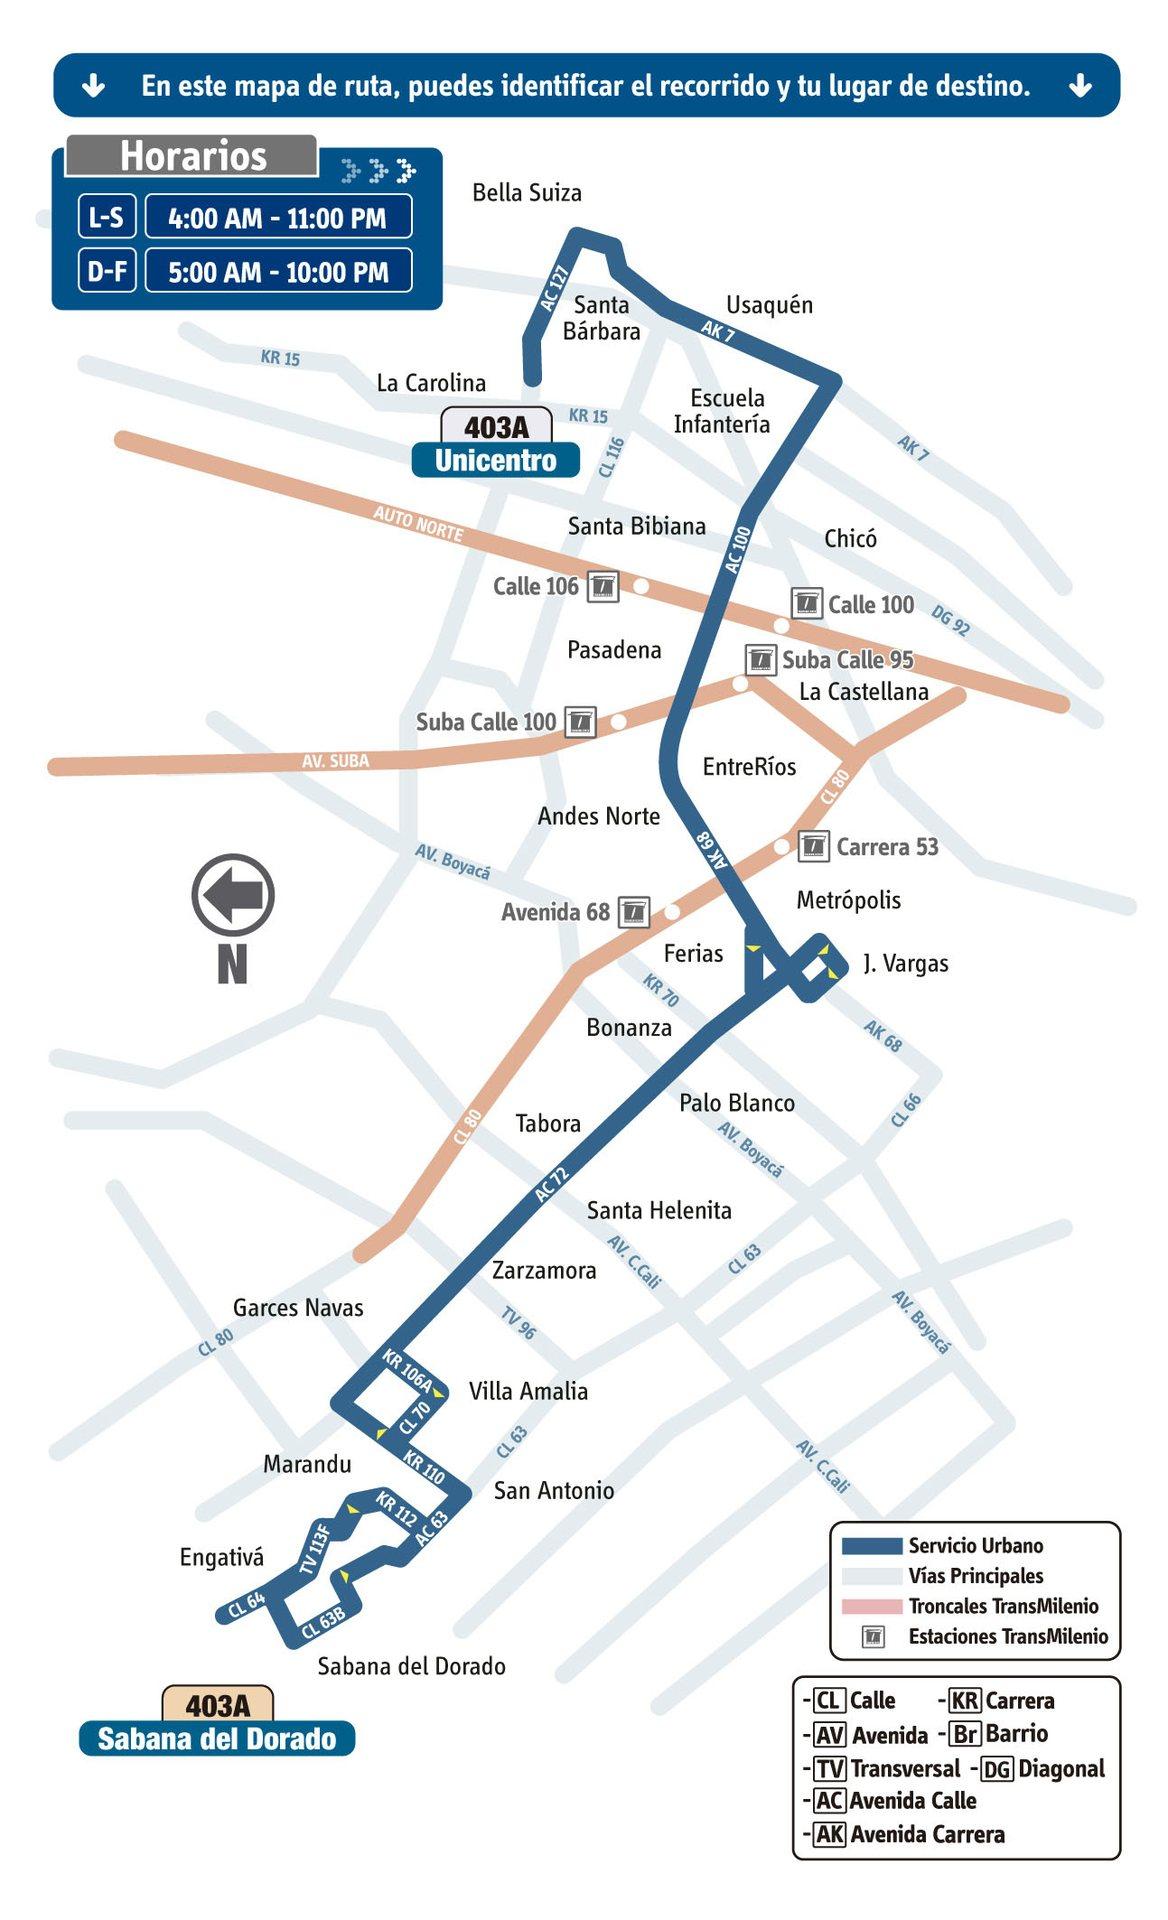 Ruta SITP: 403A Sabana del Dorado ↔ Unicentro [Urbana] 4